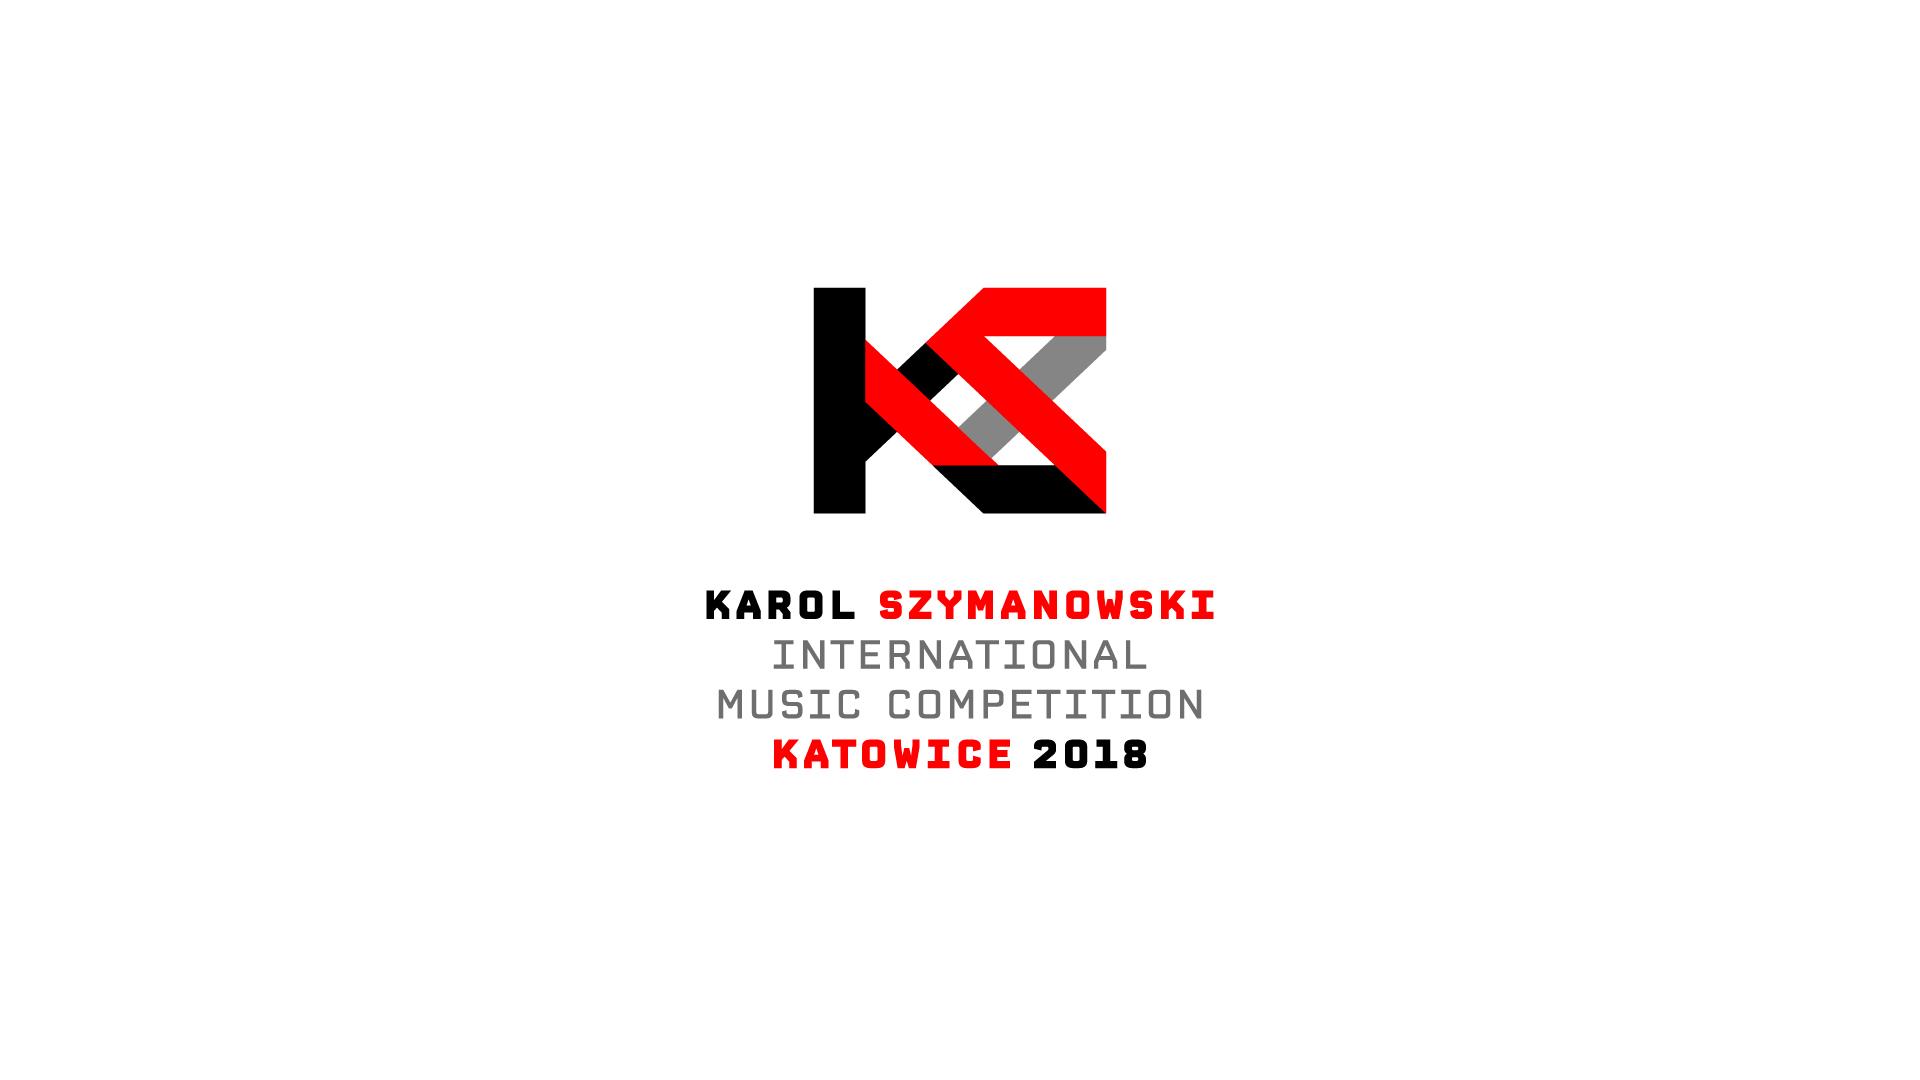 Karol Szymanowski International Music Competition by Wojciech Janicki - Creative Work